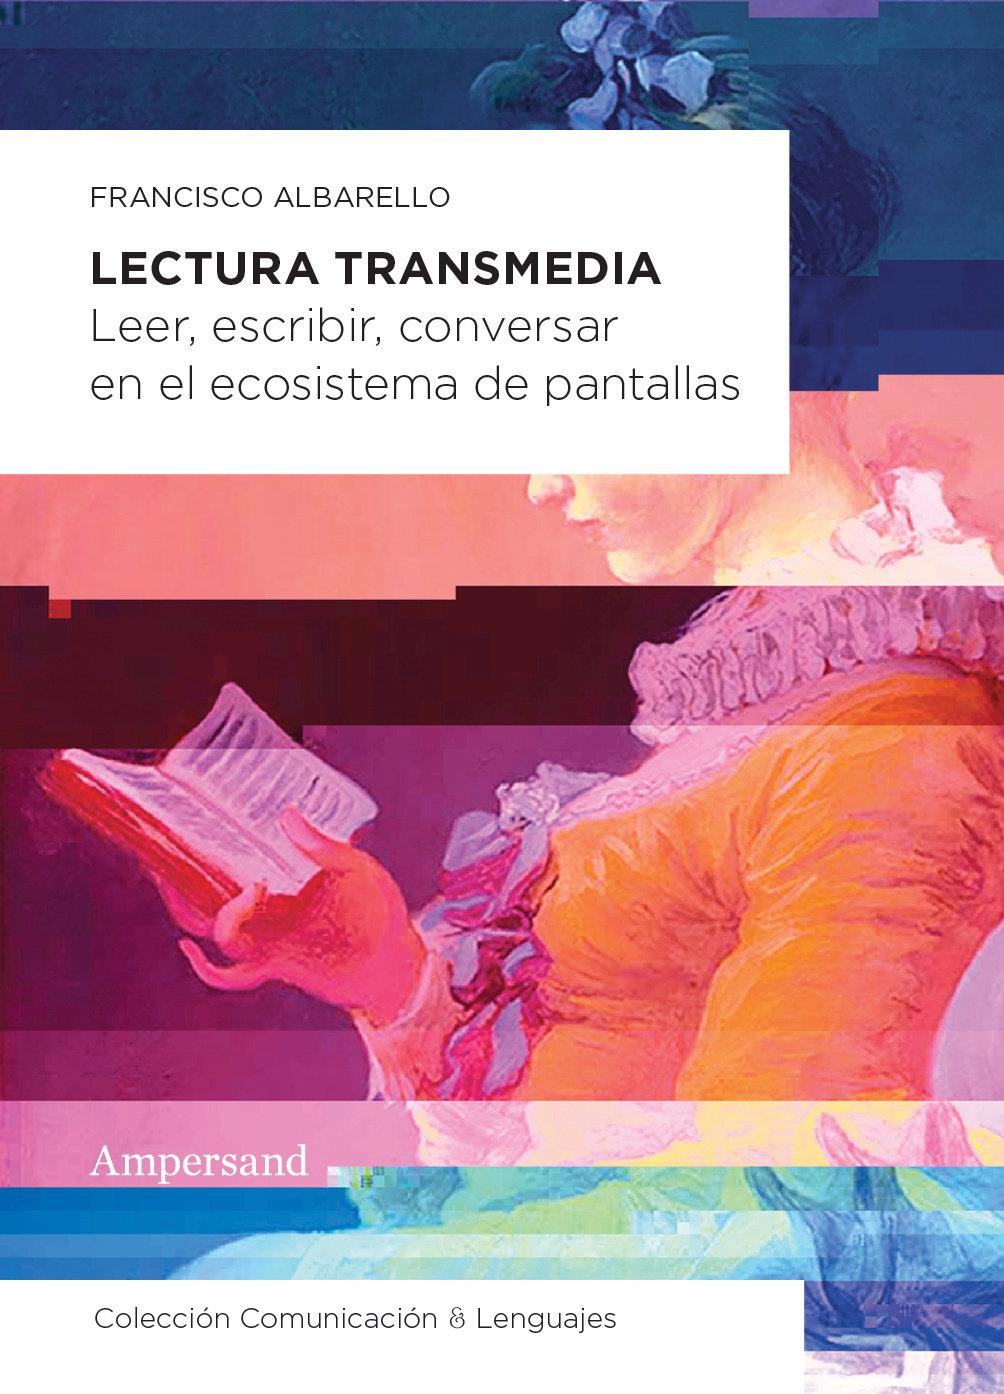 """Resultado de imagen de ALBARELLO, Francisco. Lectura transmedia: Leer, escribir, conversar en el ecosistema de pantallas, Buenos Aires, Ampersand, 2019. (Cultura Digital)"""""""